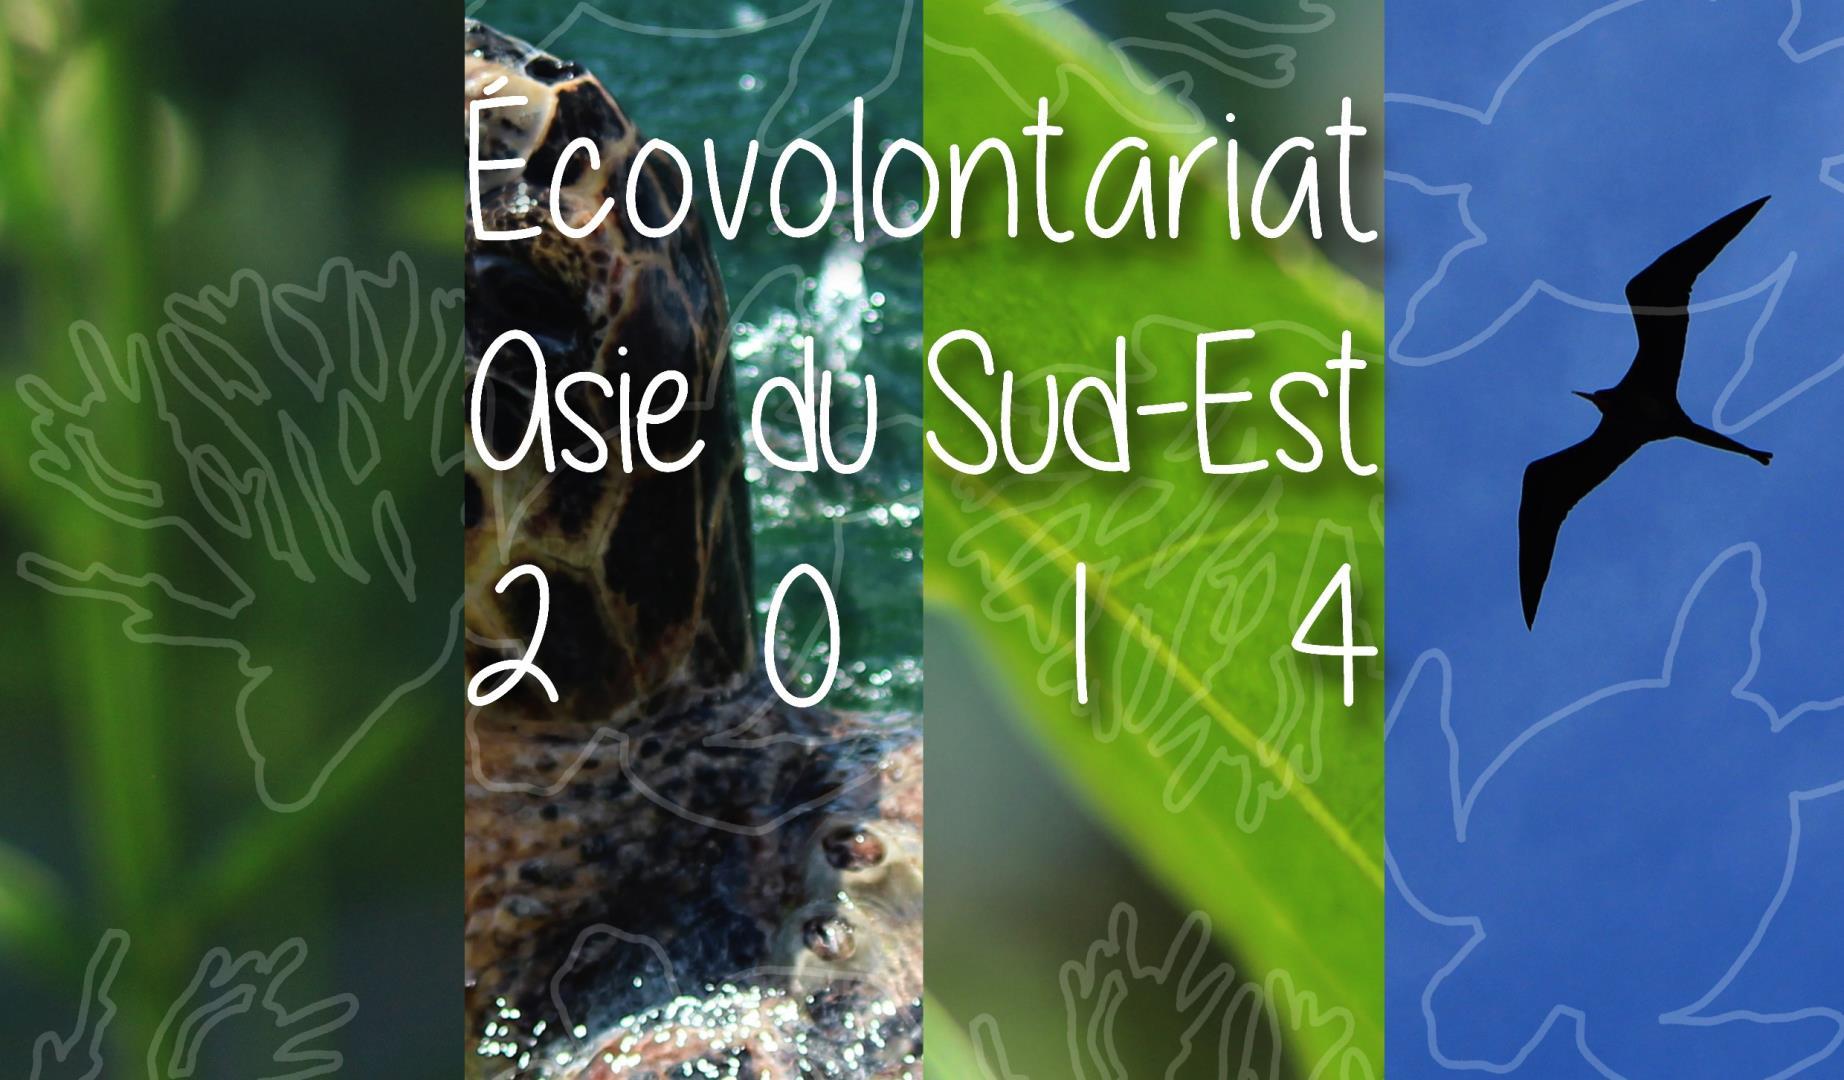 Écovolontariat - Asie du Sud-Est 2014 - JOMA